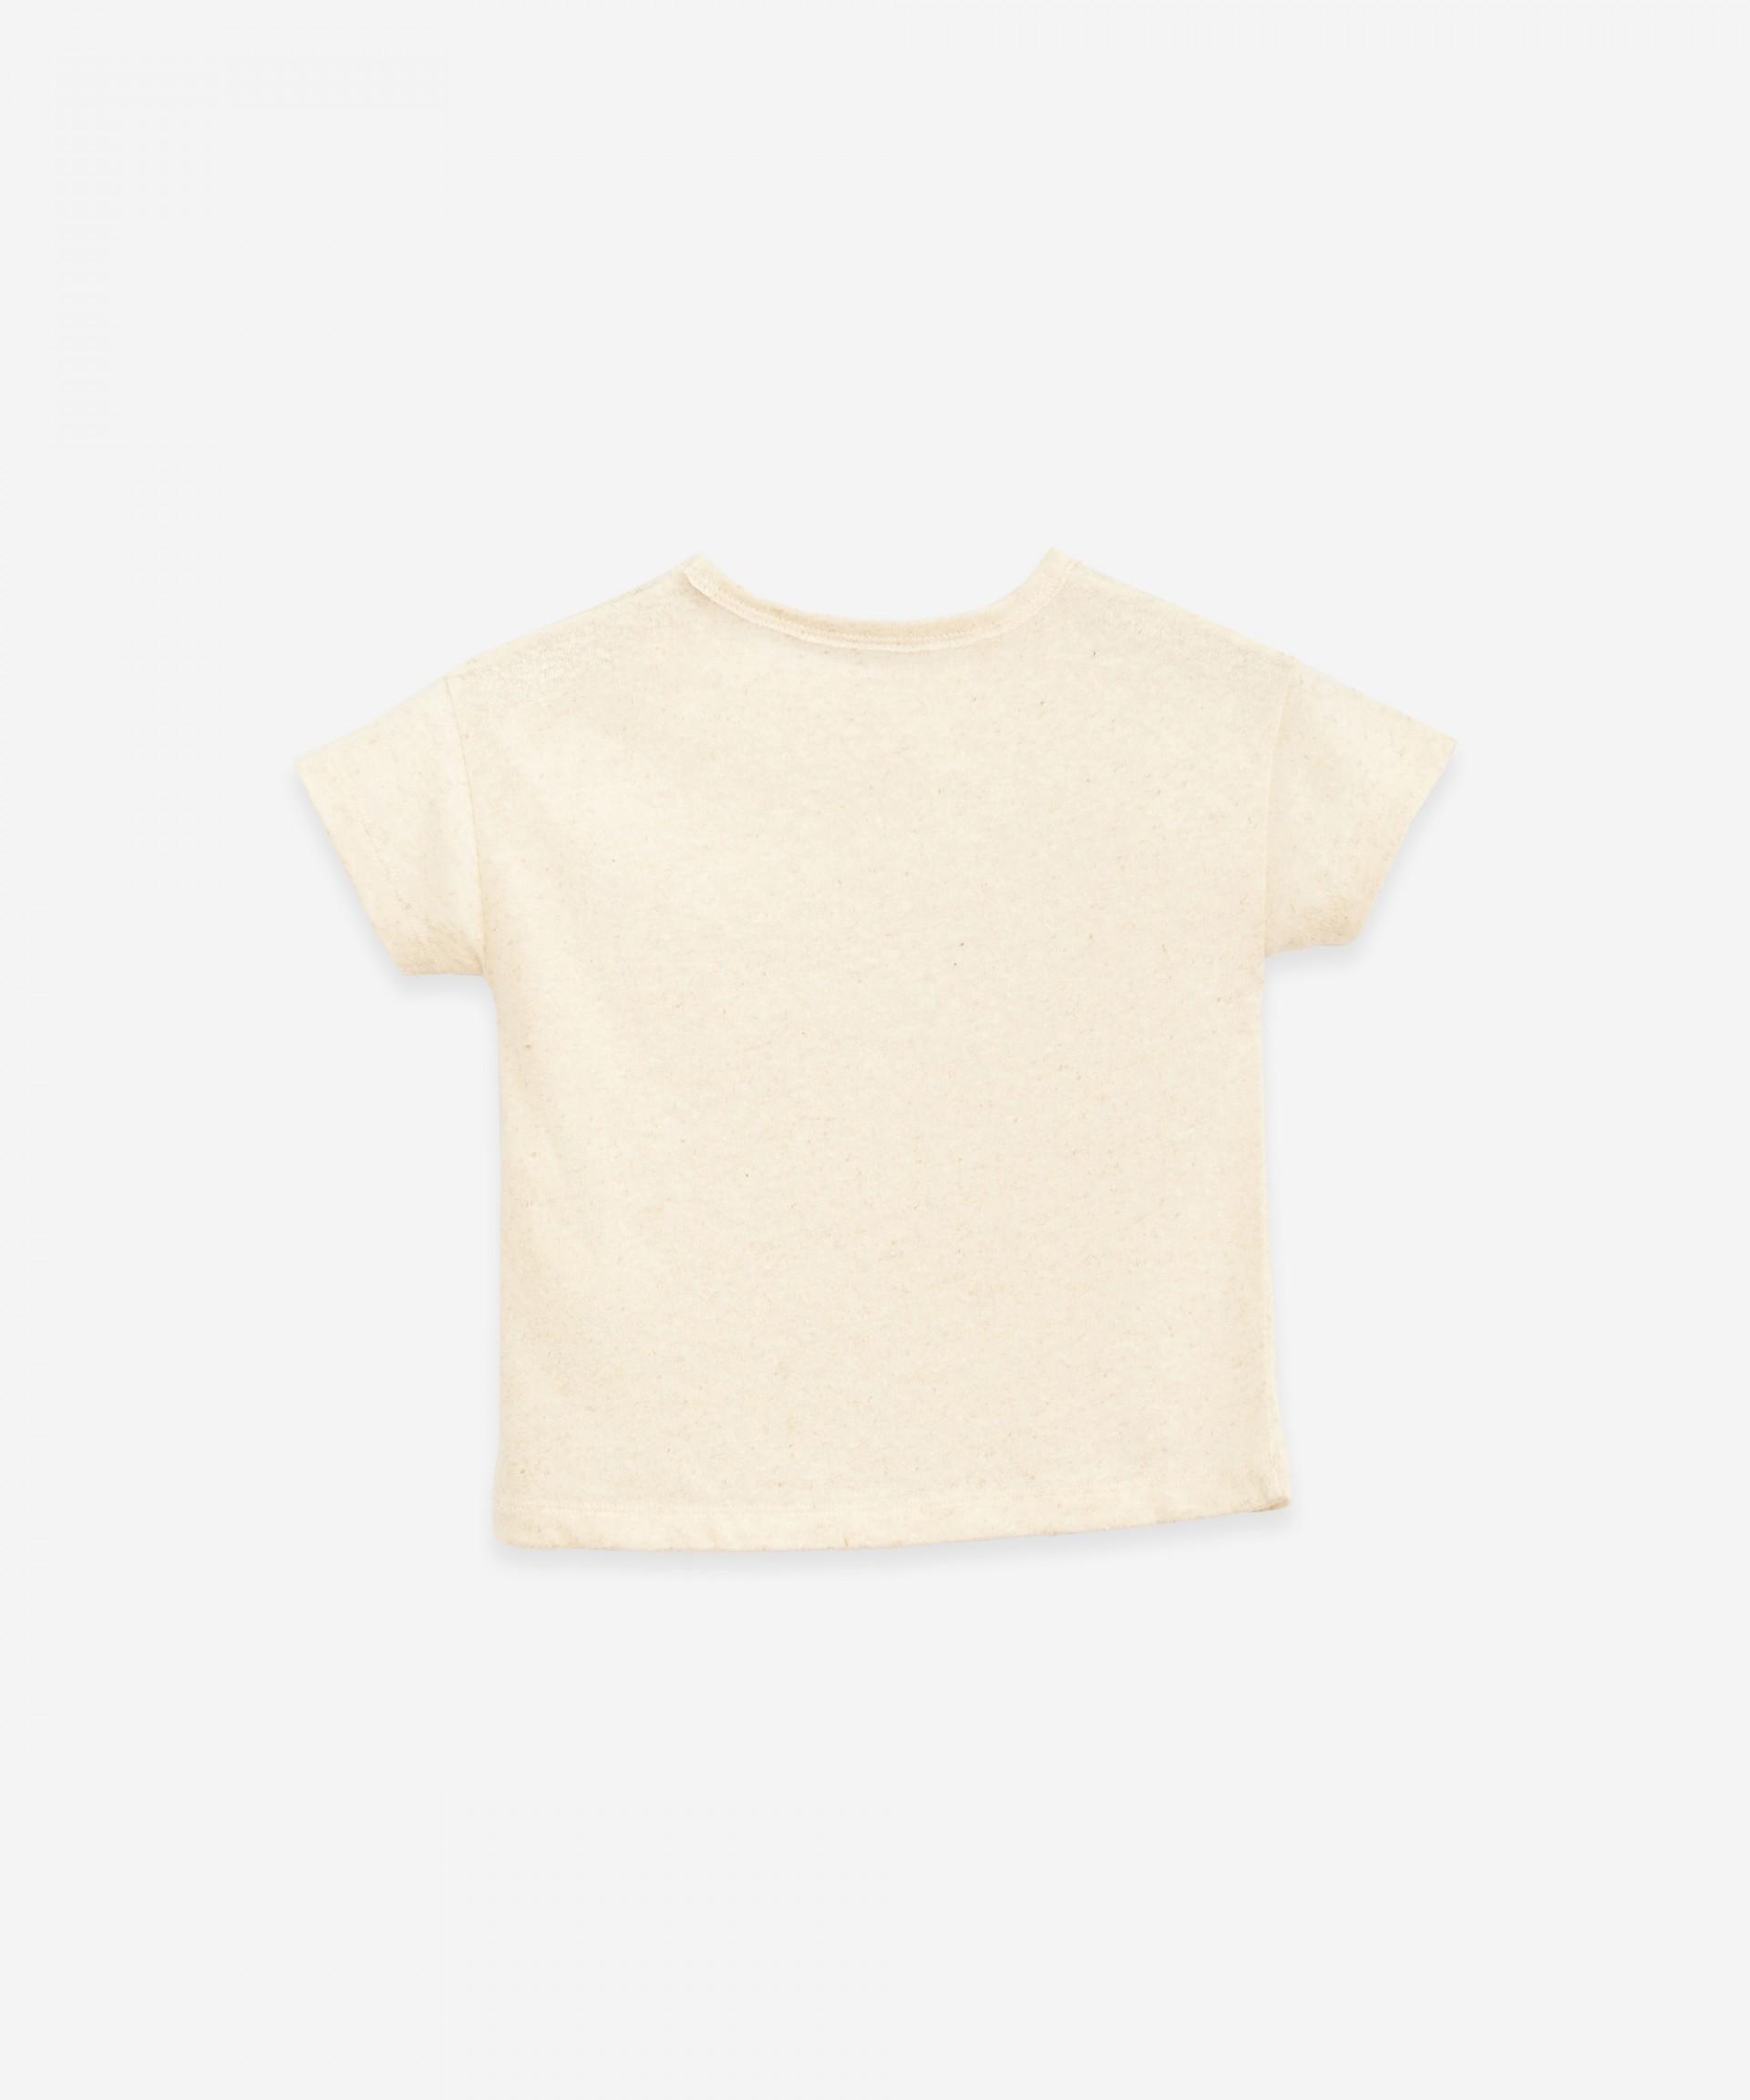 T-shirt em algodão orgânico e cânhamo | Botany